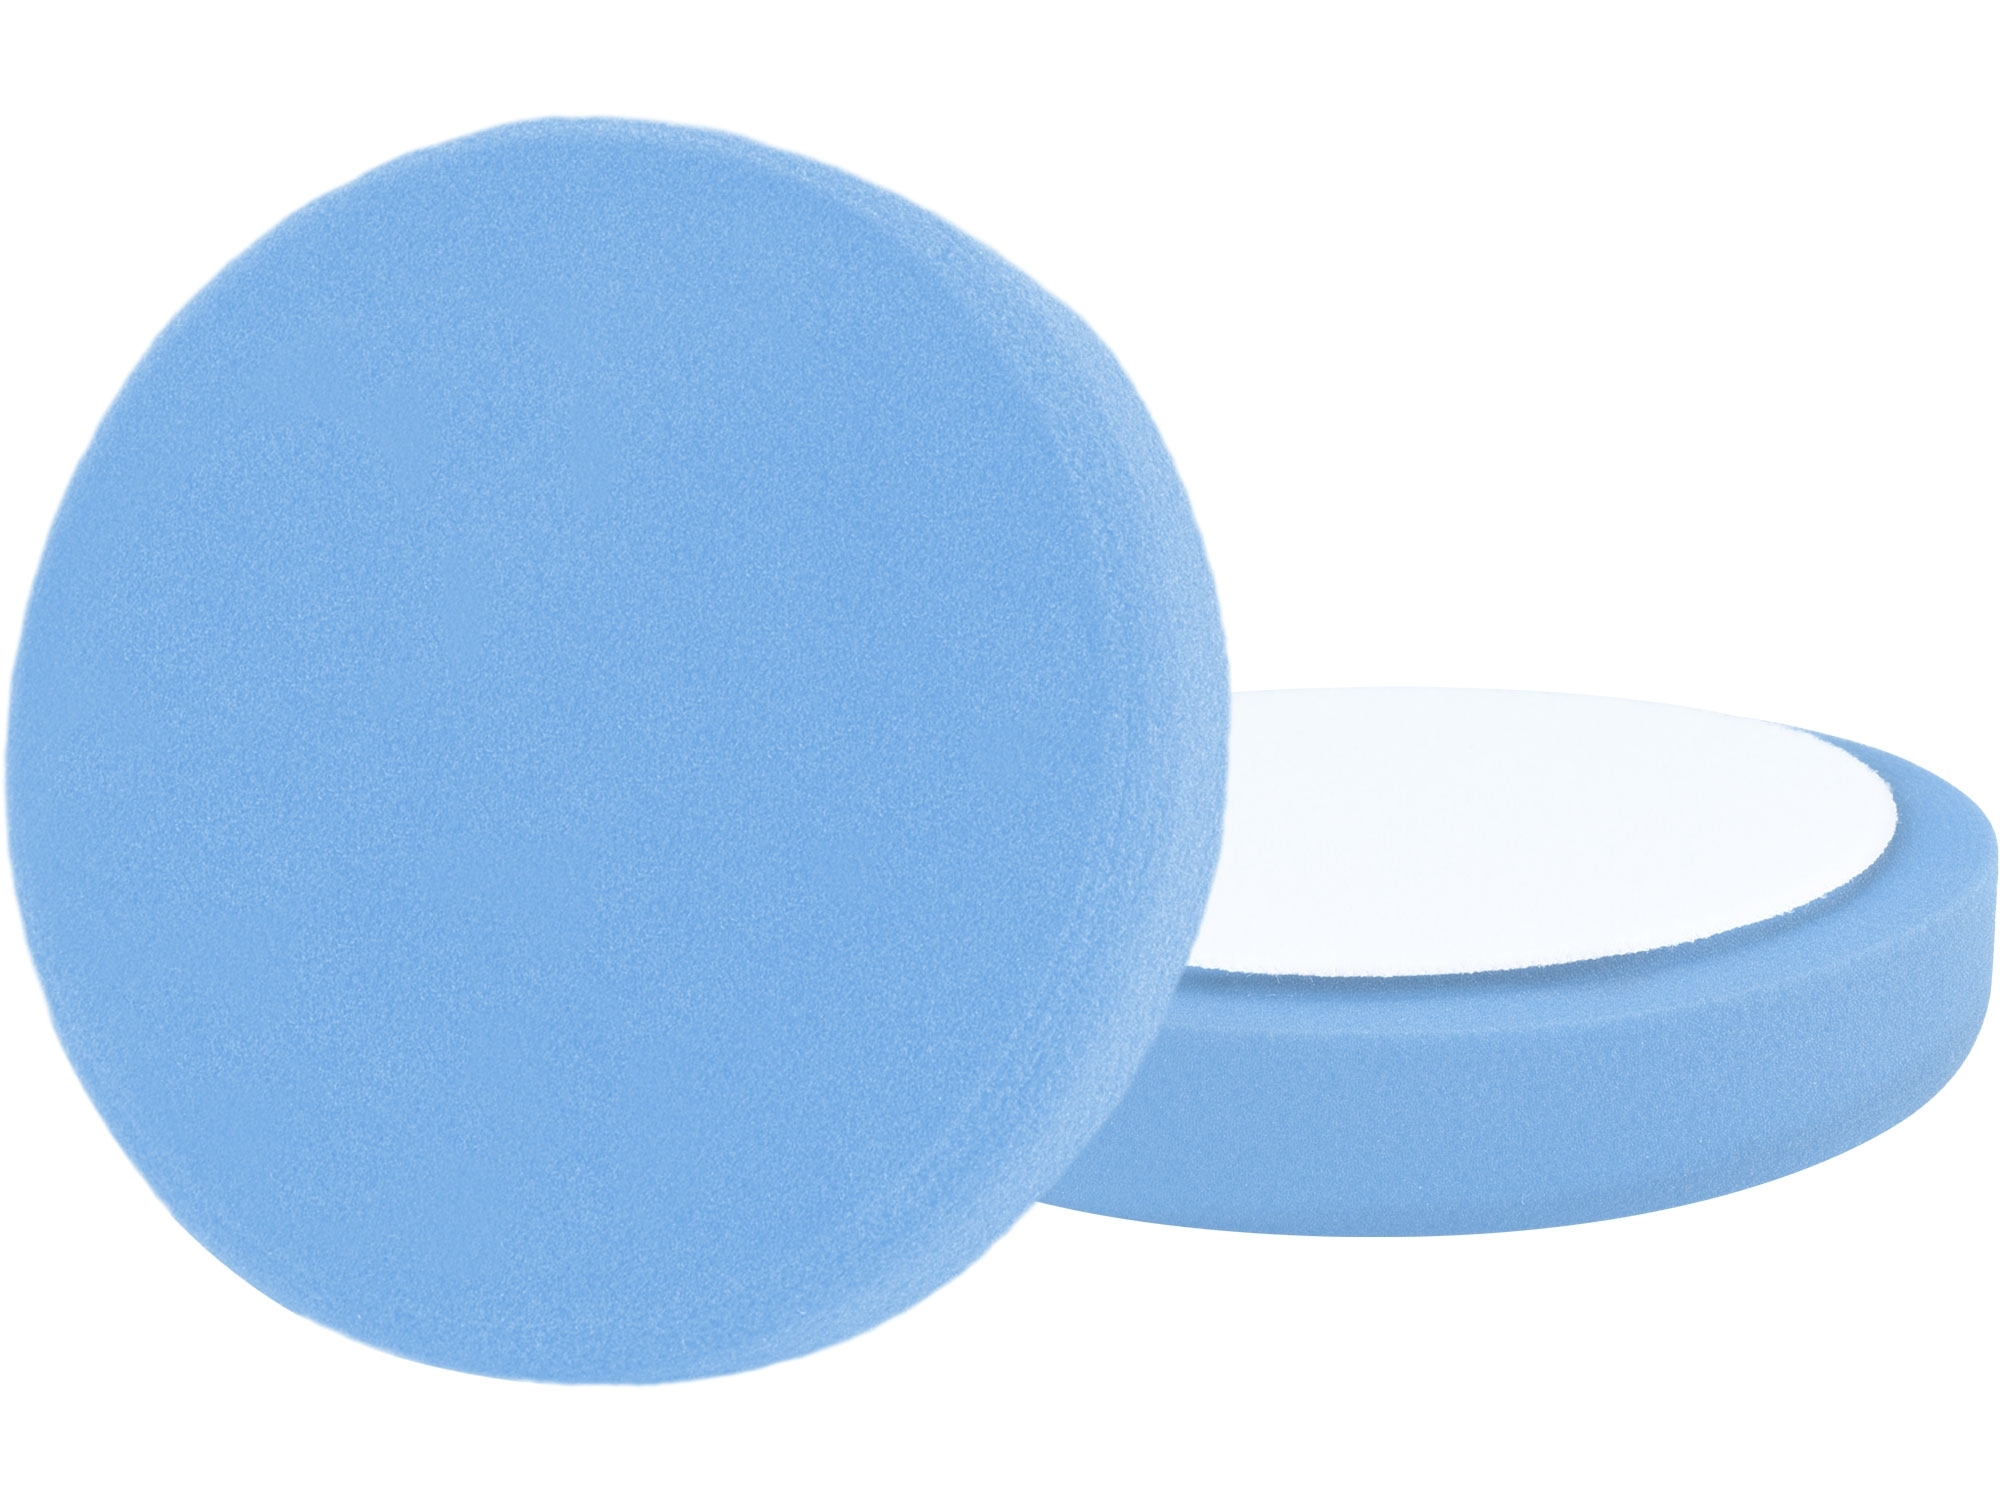 kotouč leštící pěnový, T60, modrý, ⌀200x30mm, suchý zip ⌀180mm